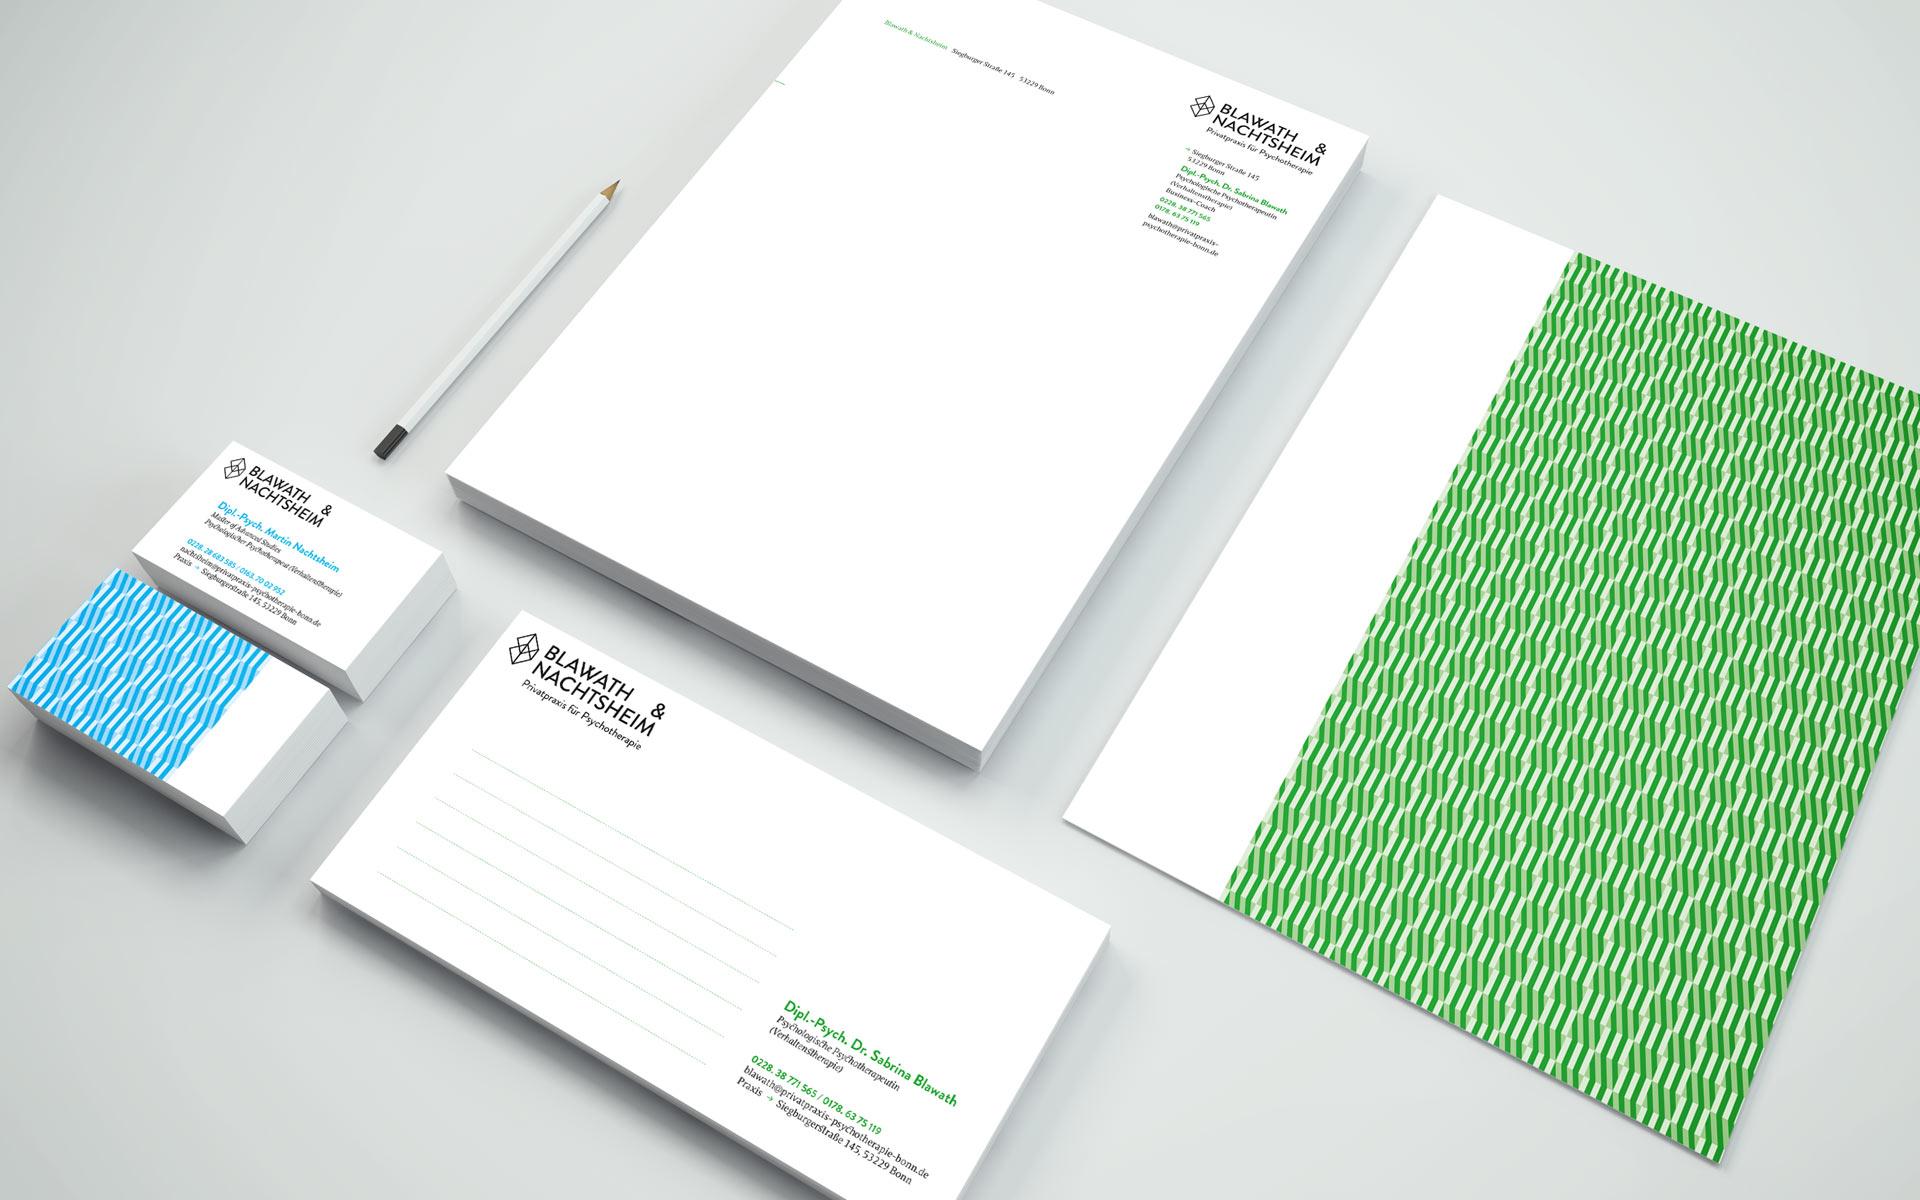 Blawath & Nachtsheim Corporate Design, Geschäftsausstattung